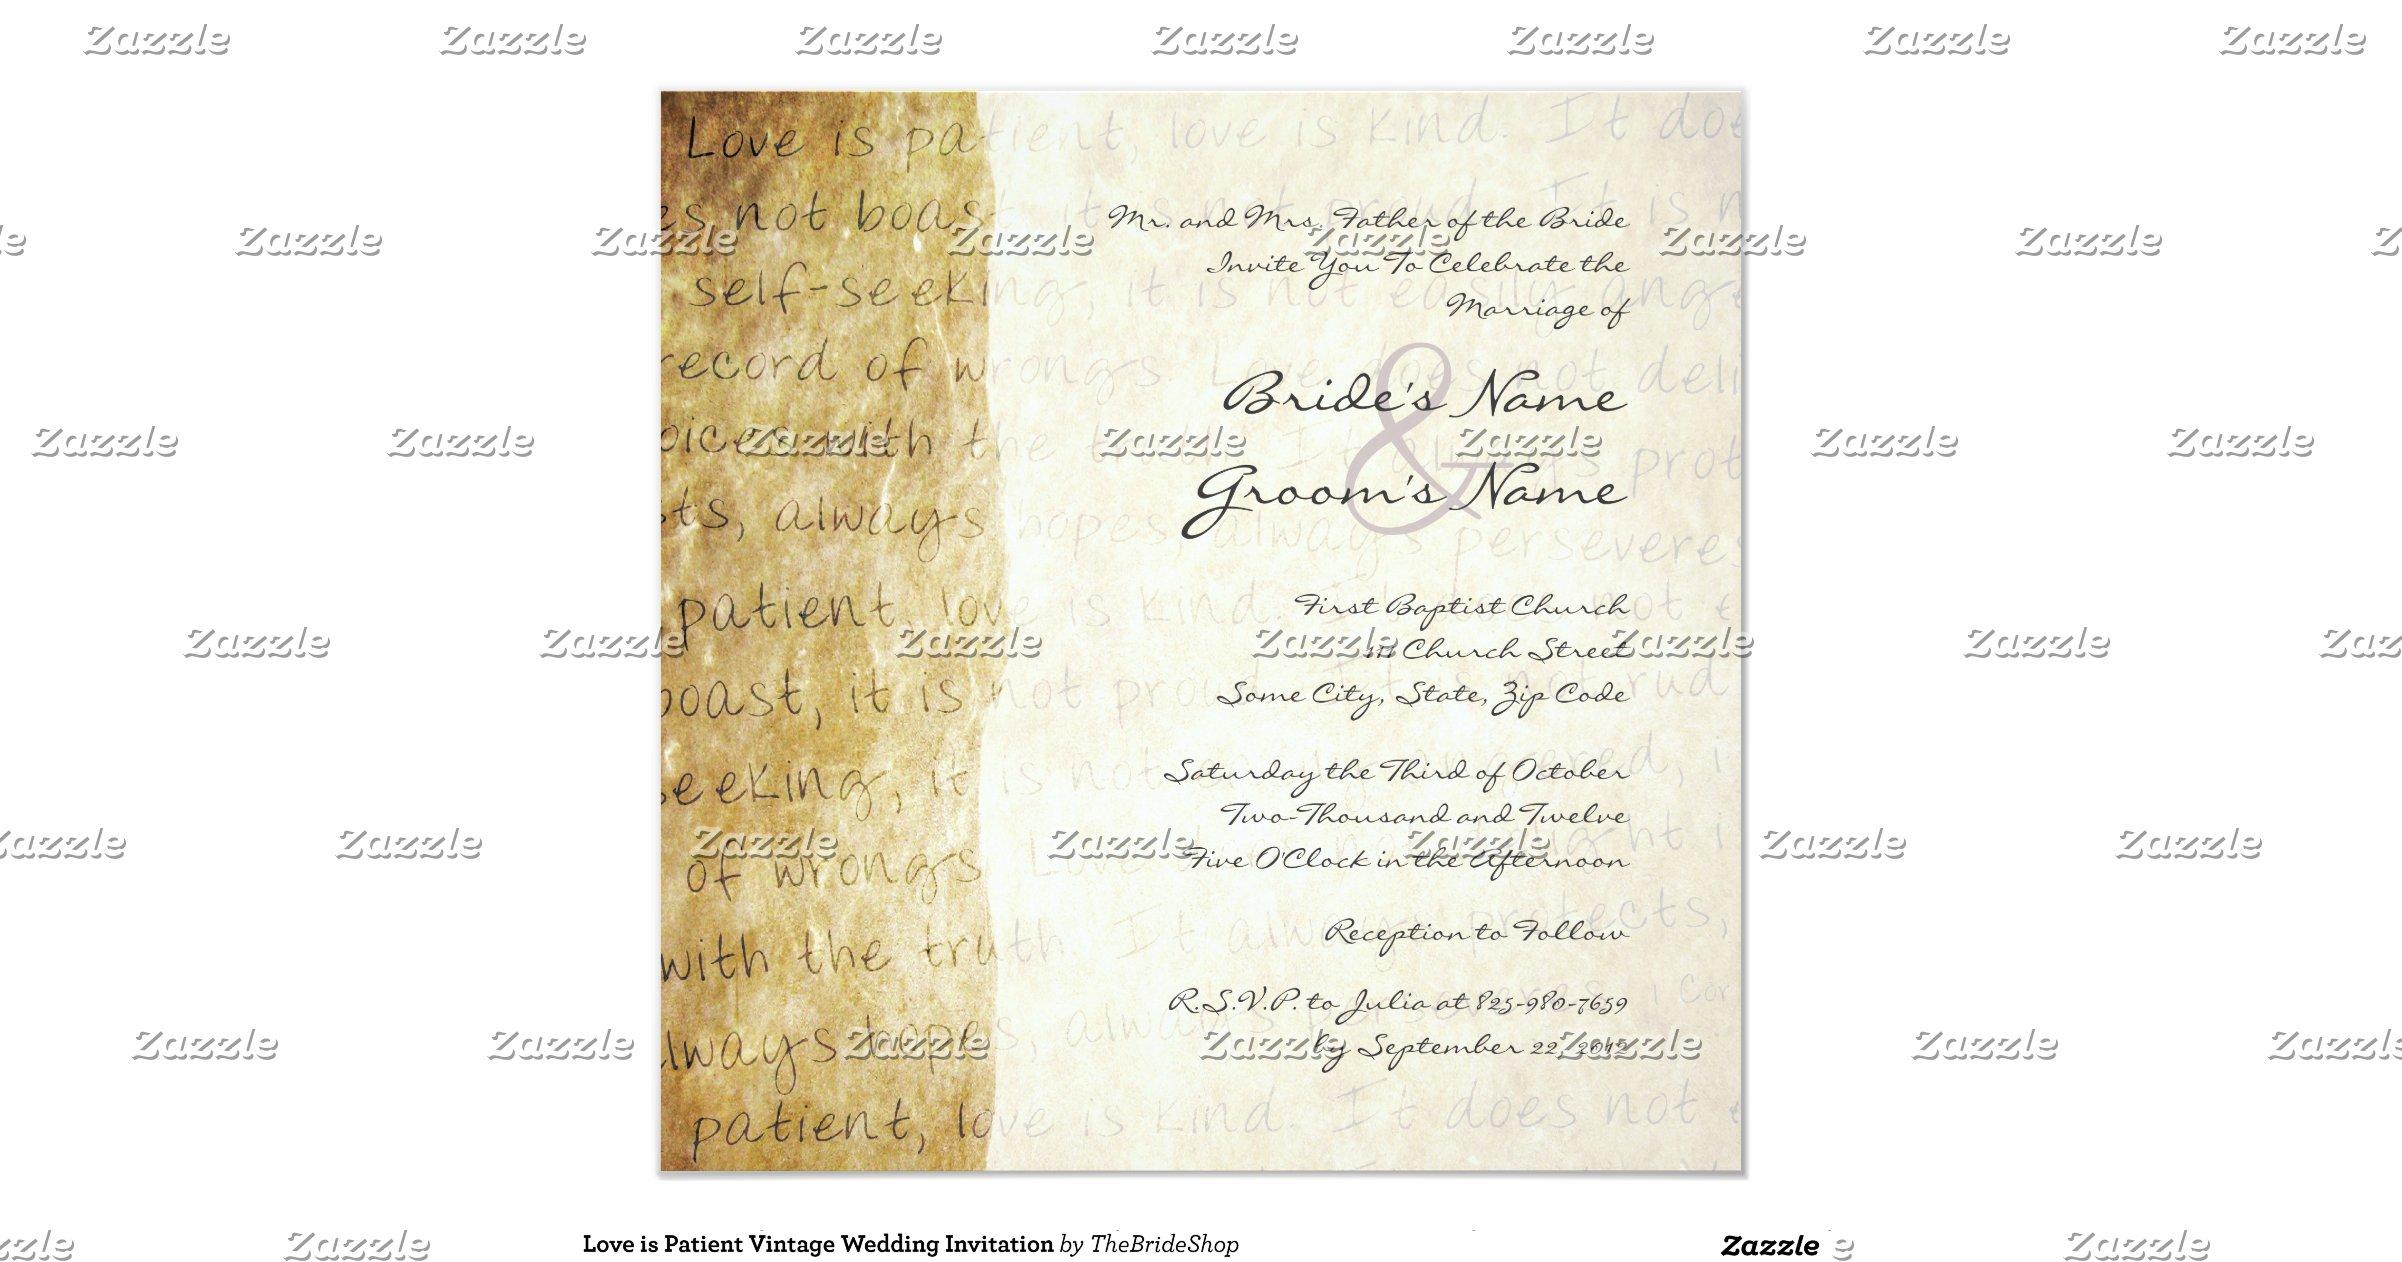 Love Is Patient Vintage Wedding Invitation R5d14b0fa3c02413b88754e4d78d13260 Zk9yv 1200